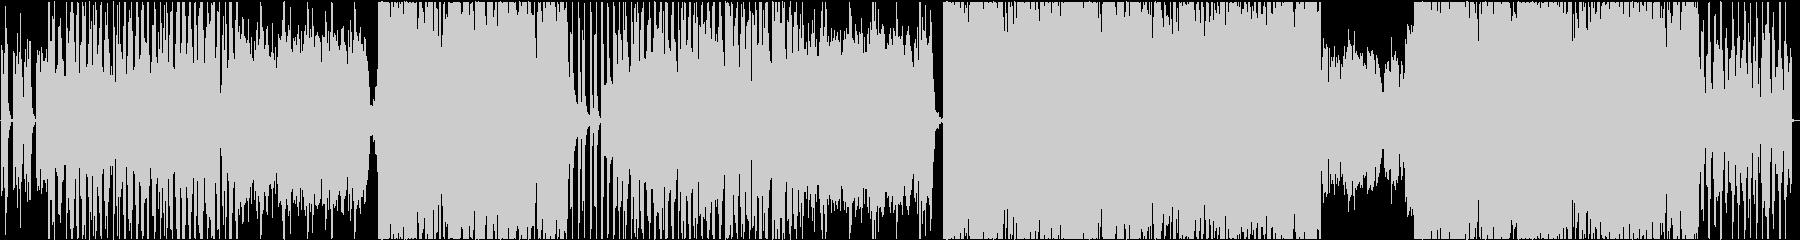 実話系RnBバラッド。の未再生の波形